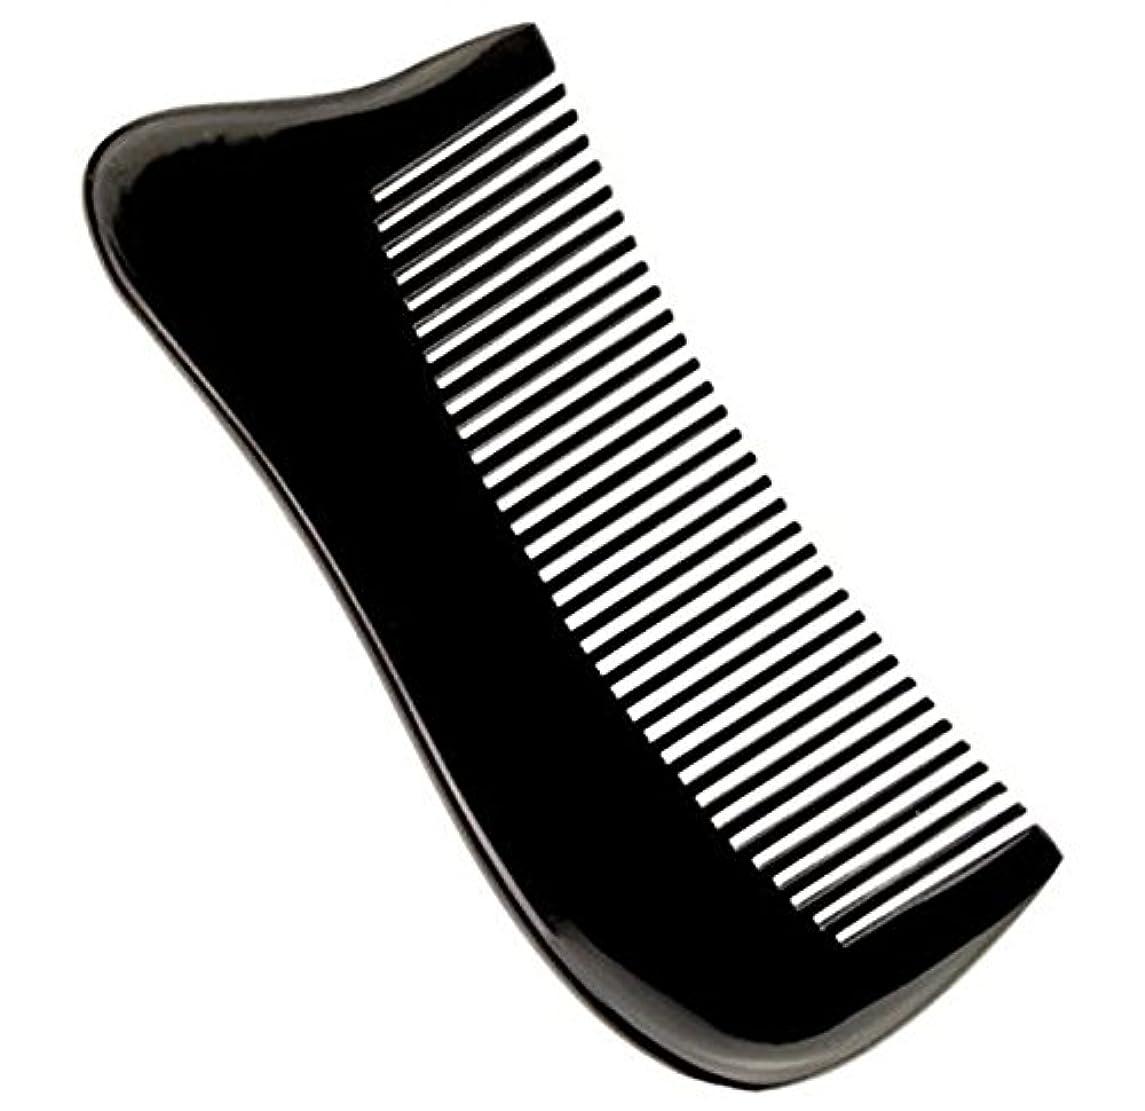 帳面病核櫛型 プロも使う牛角かっさプレート マサージ用 血行改善 高級 天然 静電気防止 美髪 美顔 ボディ リンパマッサージ